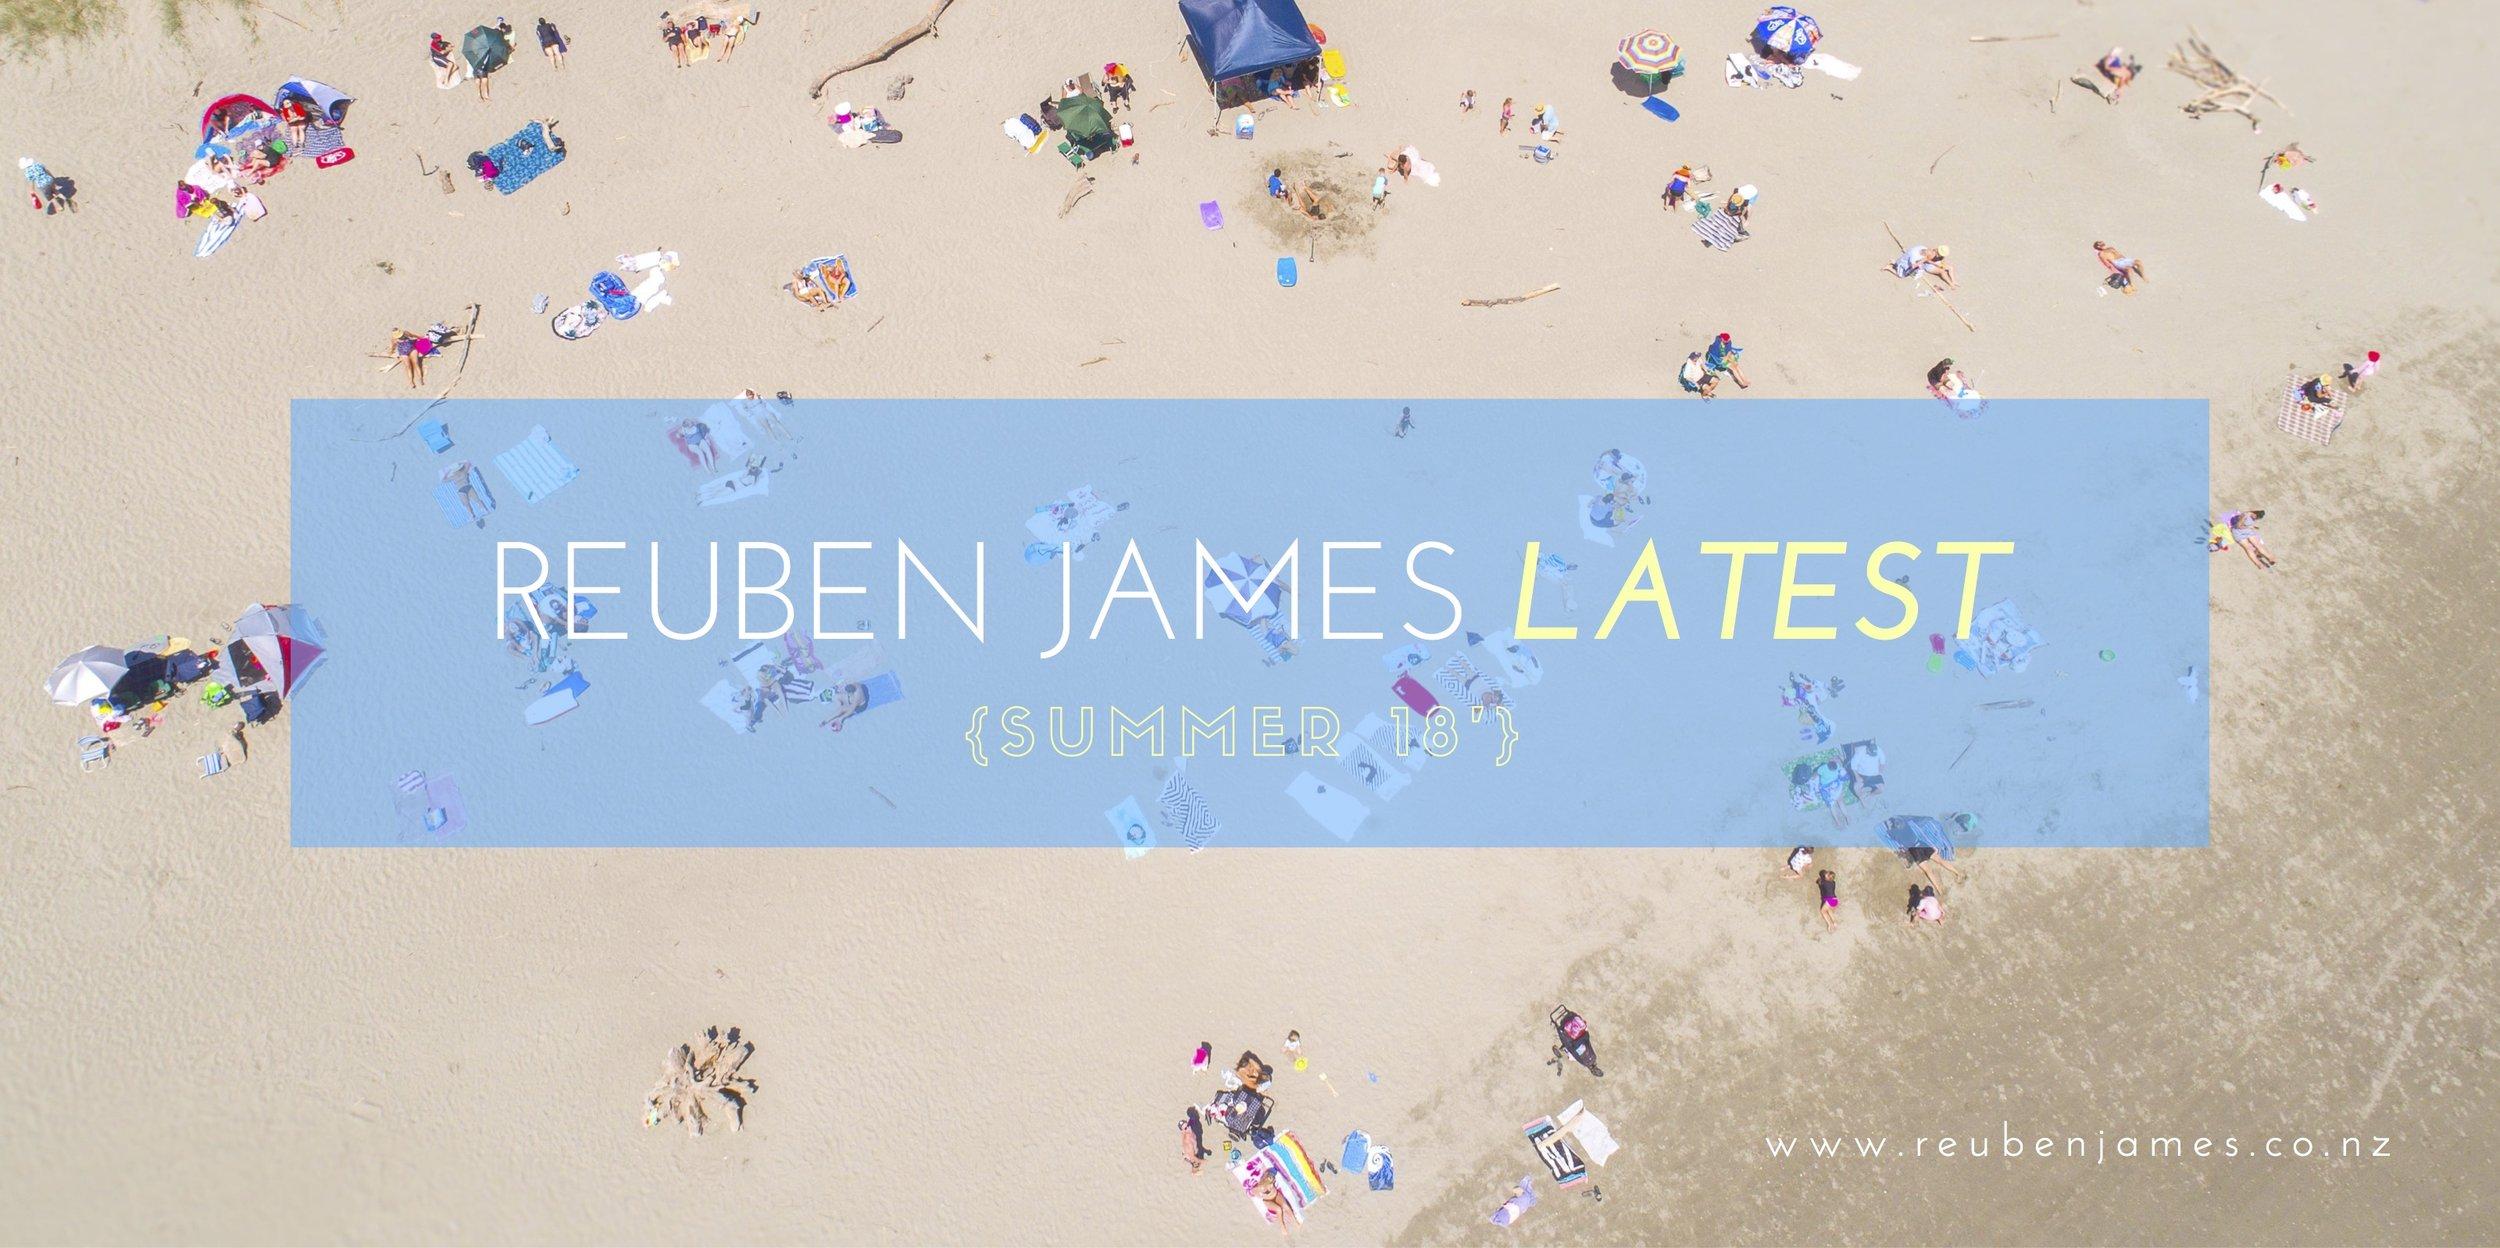 reuben-james-photographic-print-blog.jpeg